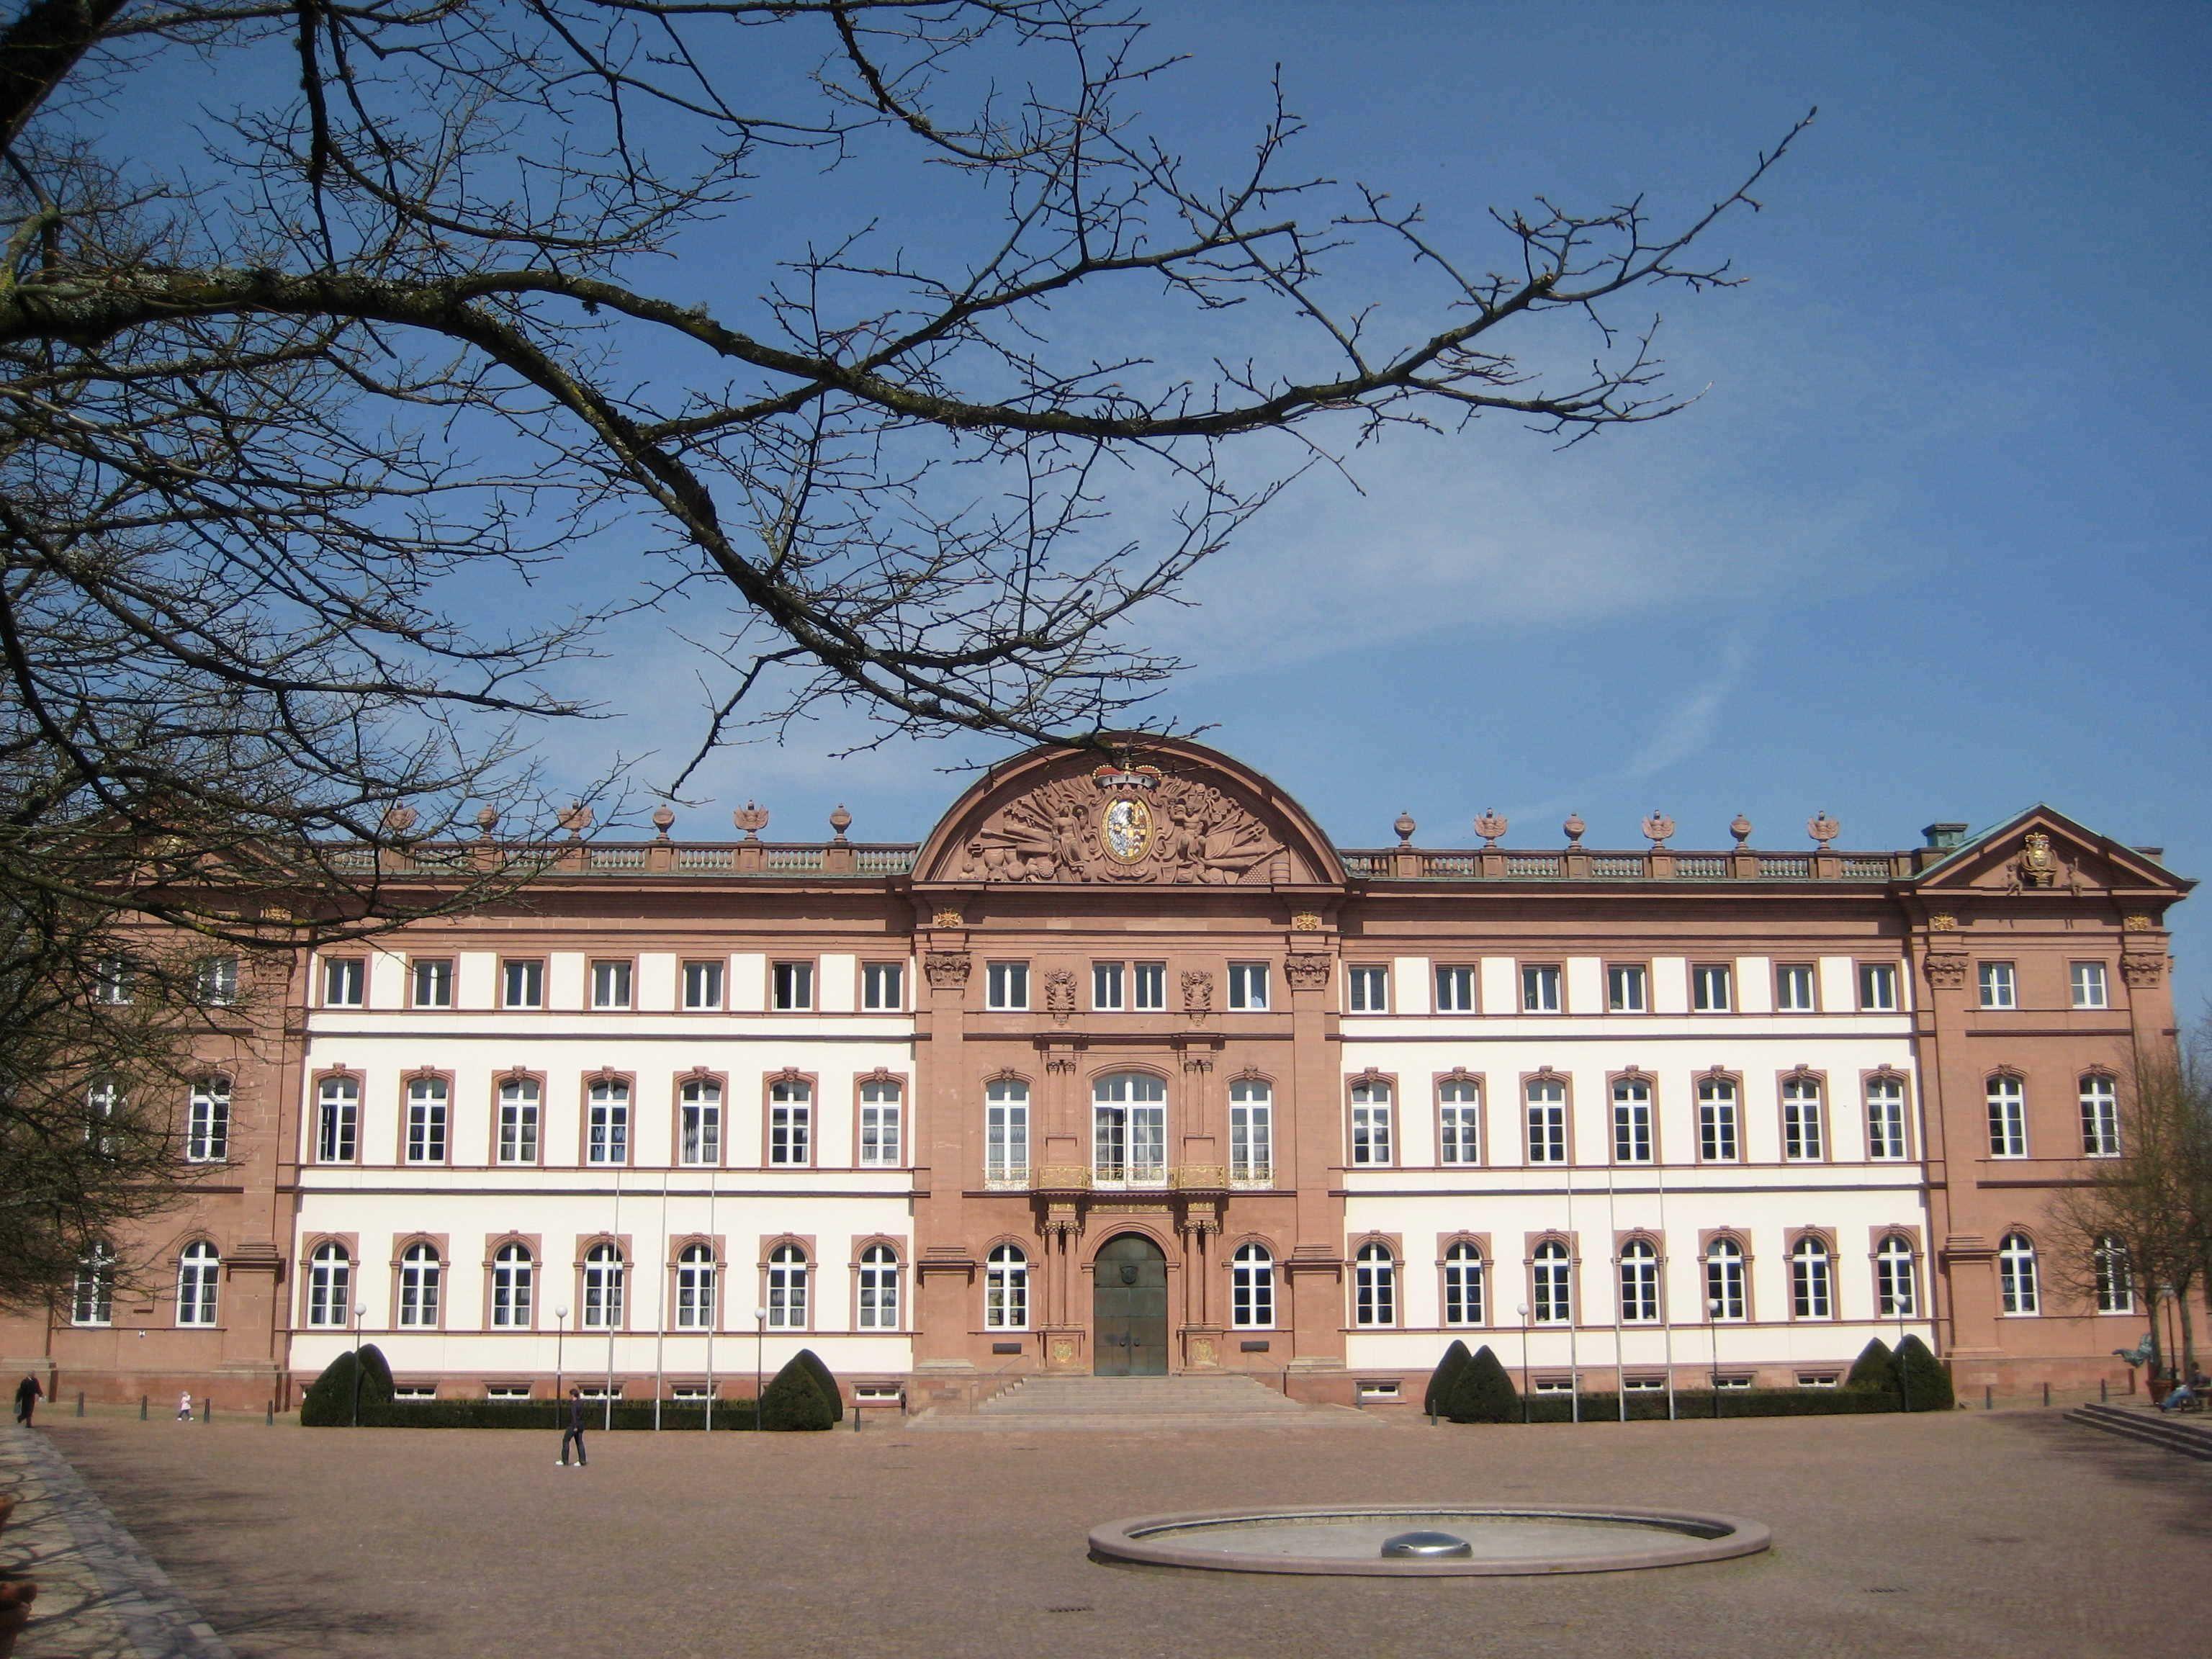 Fresh Zweibrucken Castle in Germany